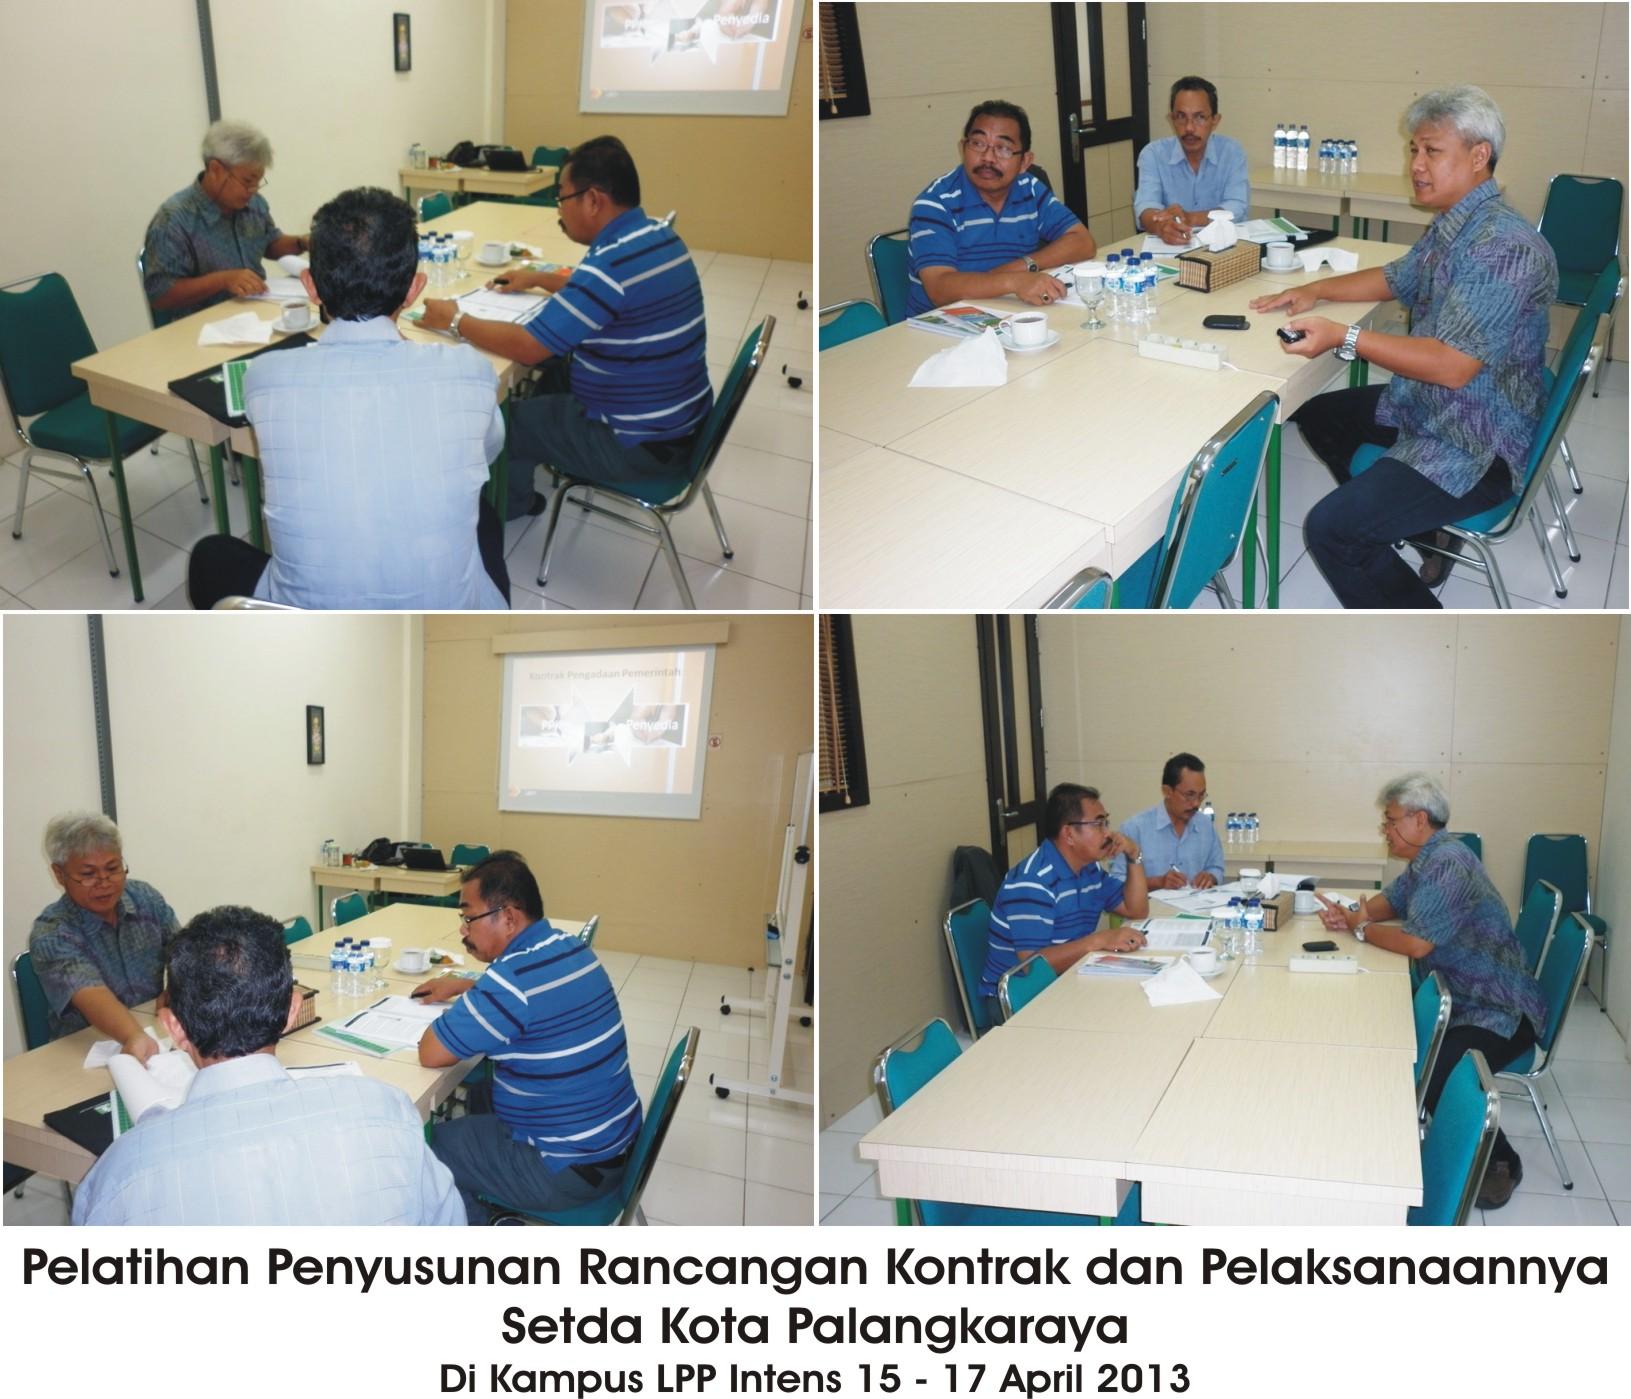 Pelatihan Penyusunan Rancangan Kontrak dan Pelaksanaannya Setda Kota Palangkaraya